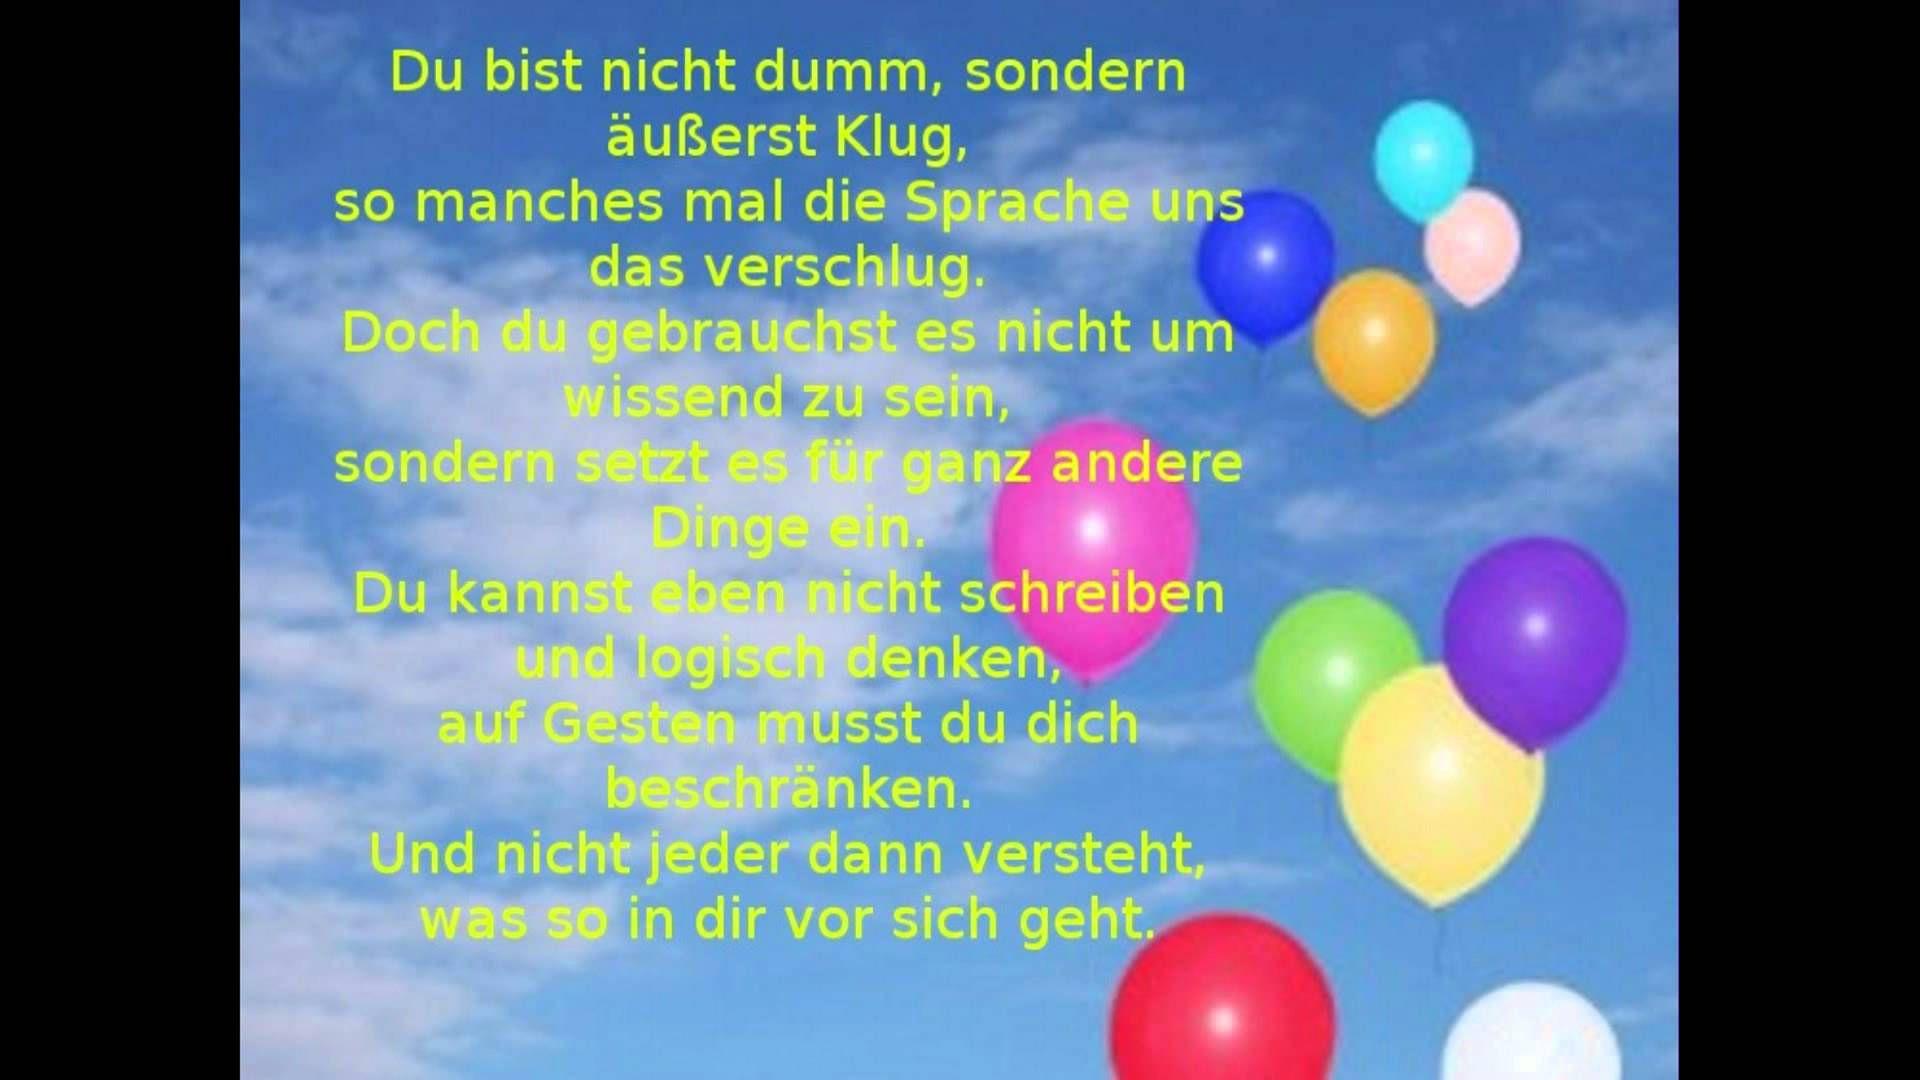 Lustige Geburtstagsgedichte Zum 50  Alles Gute Zum Geburtstag Gedichte